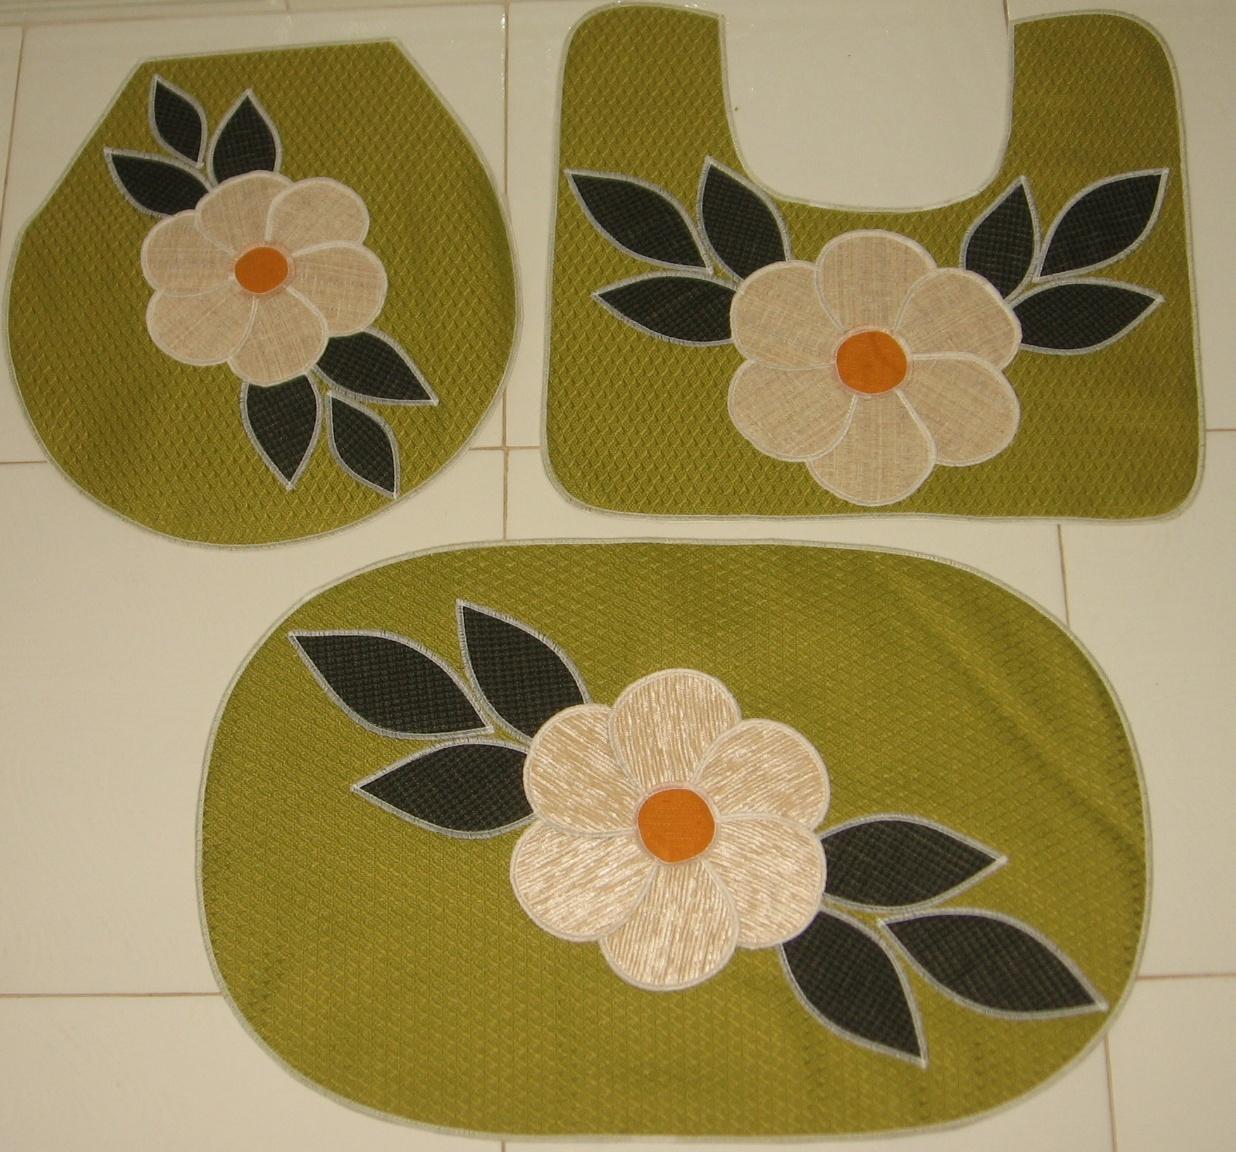 Jogo de banheiro 3 peças na cor verde com aplique antiderrapante. #B26219 1236 1152